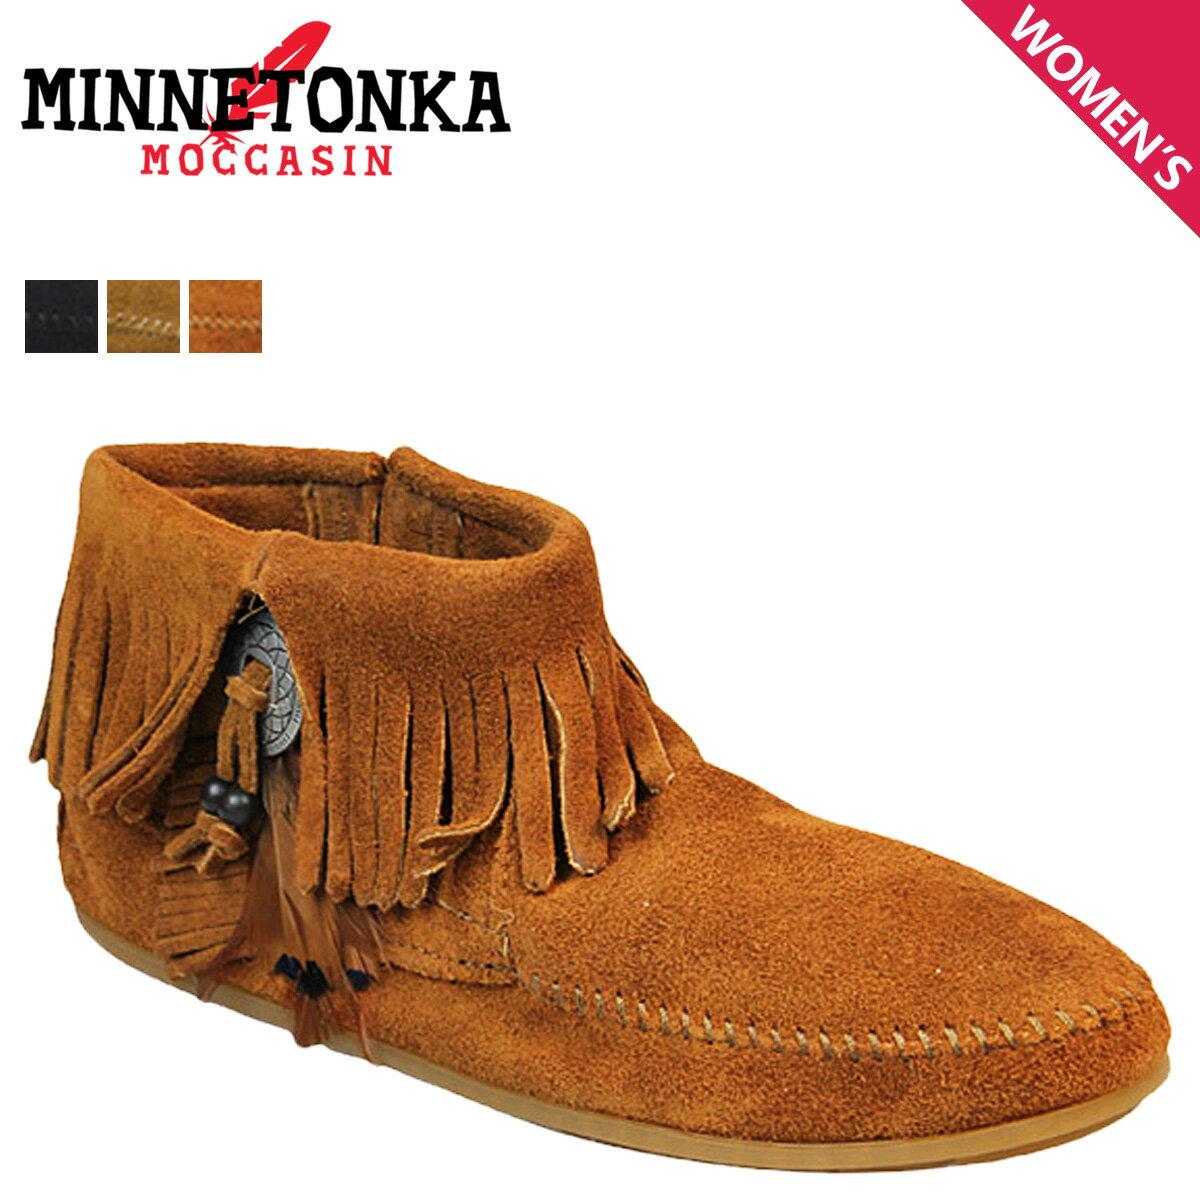 ミネトンカ MINNETONKA ブーティー サイドジップ ブーツ CONCHO FEATHER SIDE ZIP BOOT レディース [1/29 追加入荷]